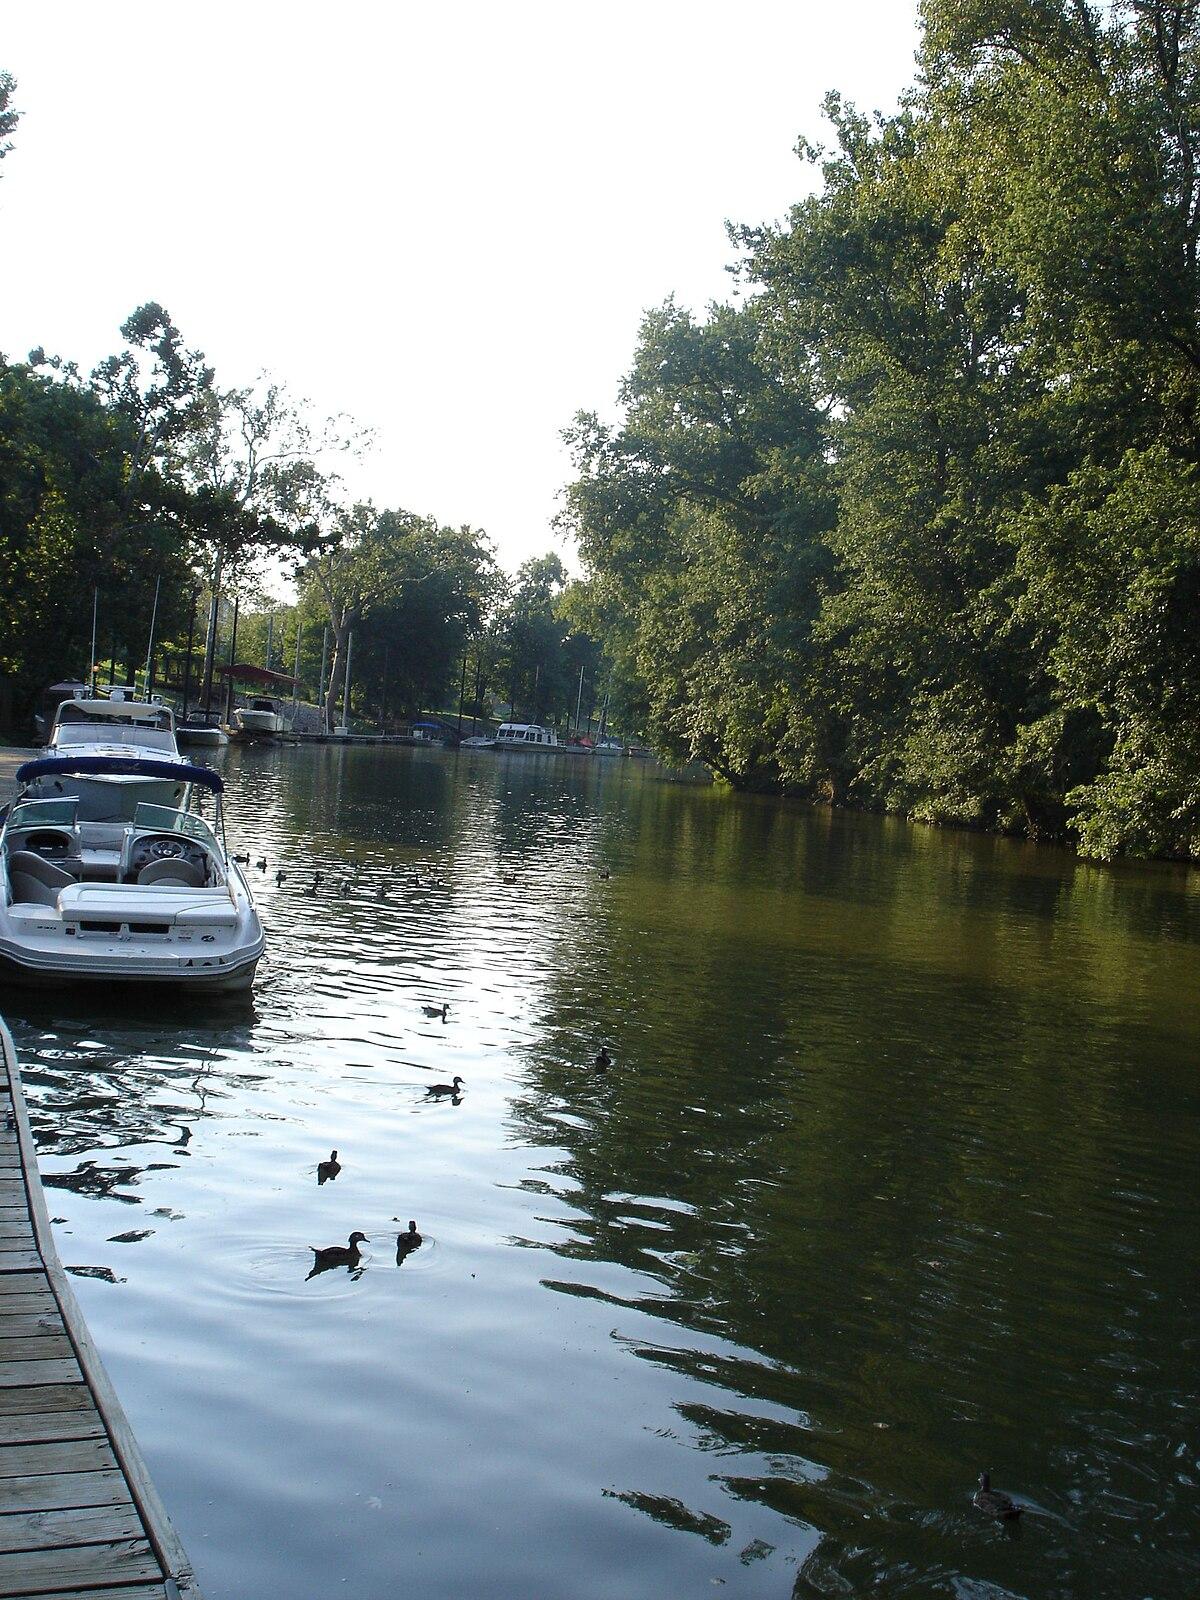 Harrods Creek Louisville  Wikipedia